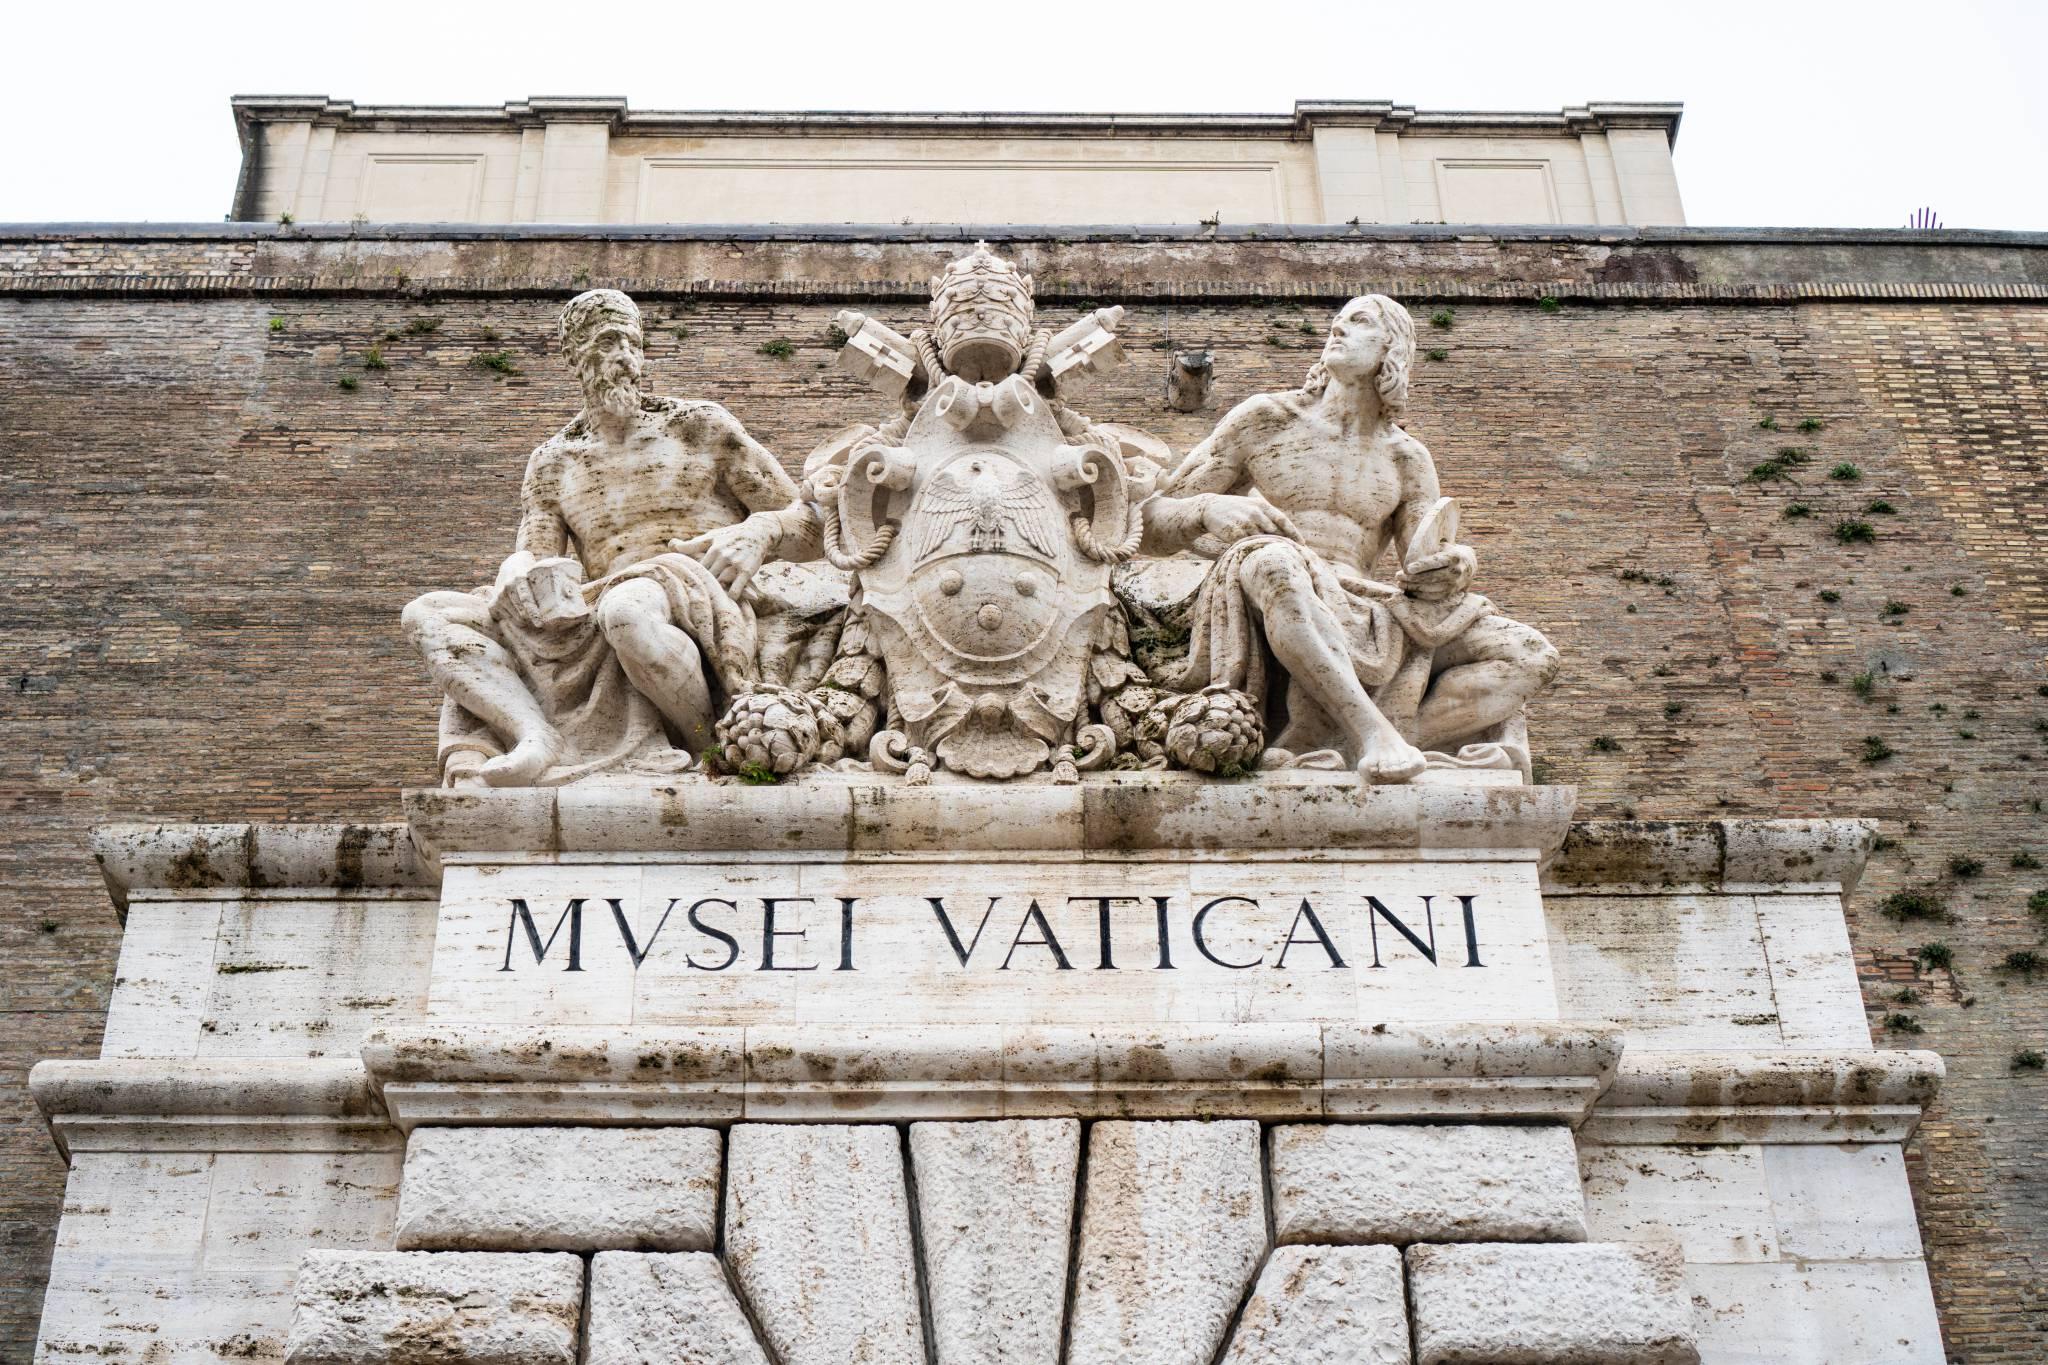 Wirtualna wycieczka po Muzeach Watykańskich